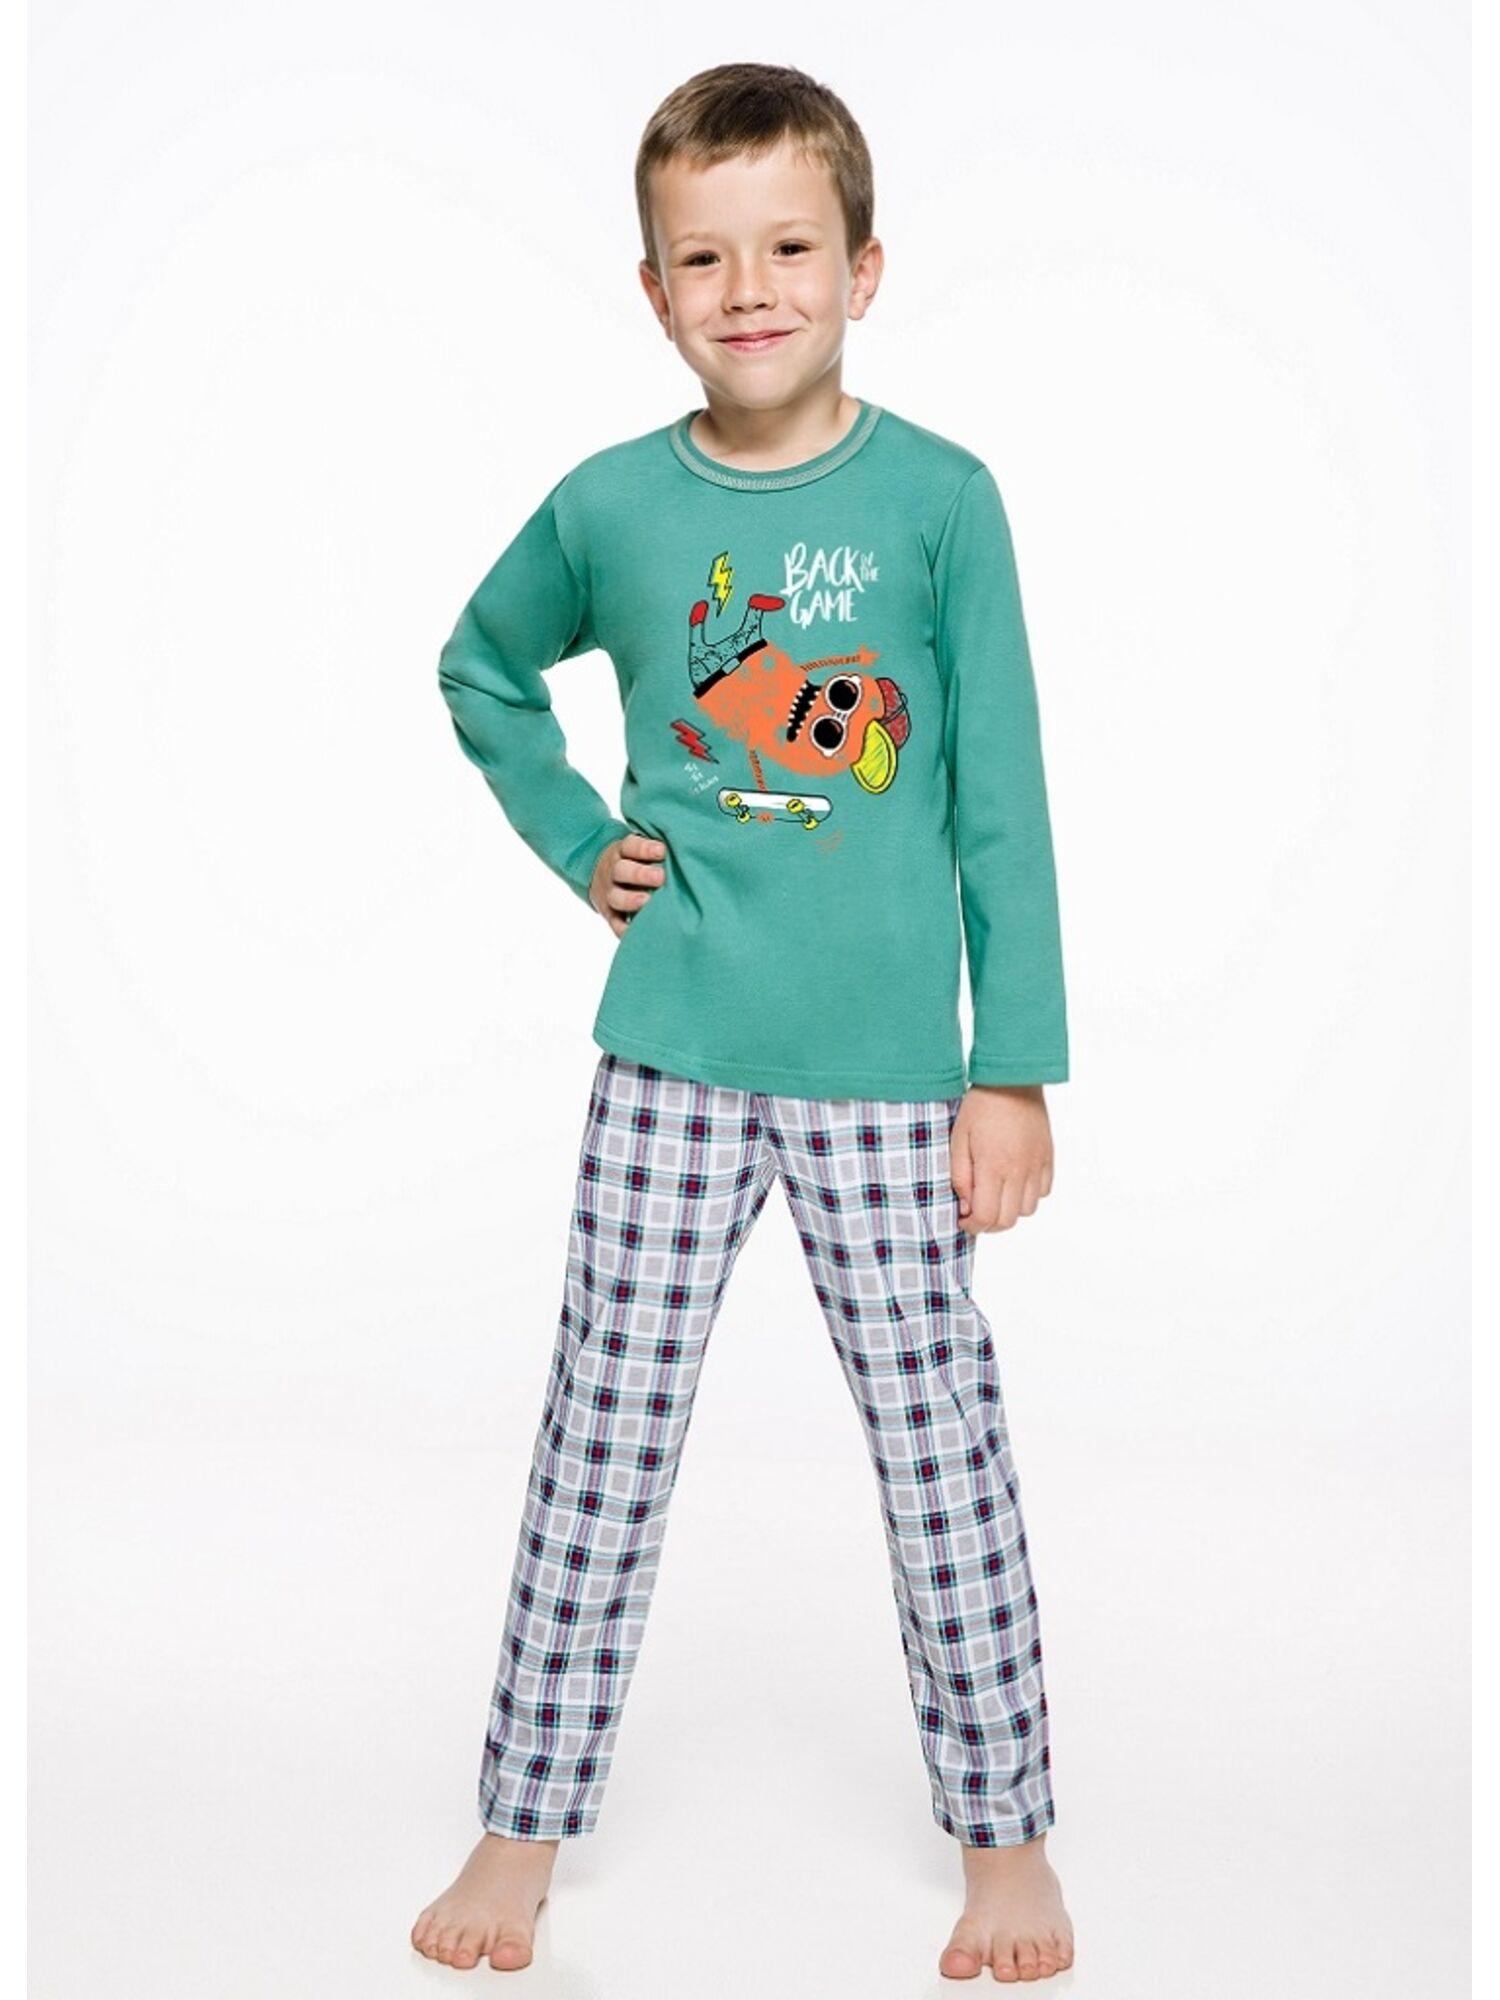 Пижама детская на мальчика 2342/2343 19/20 LEO зеленый/серый, Taro